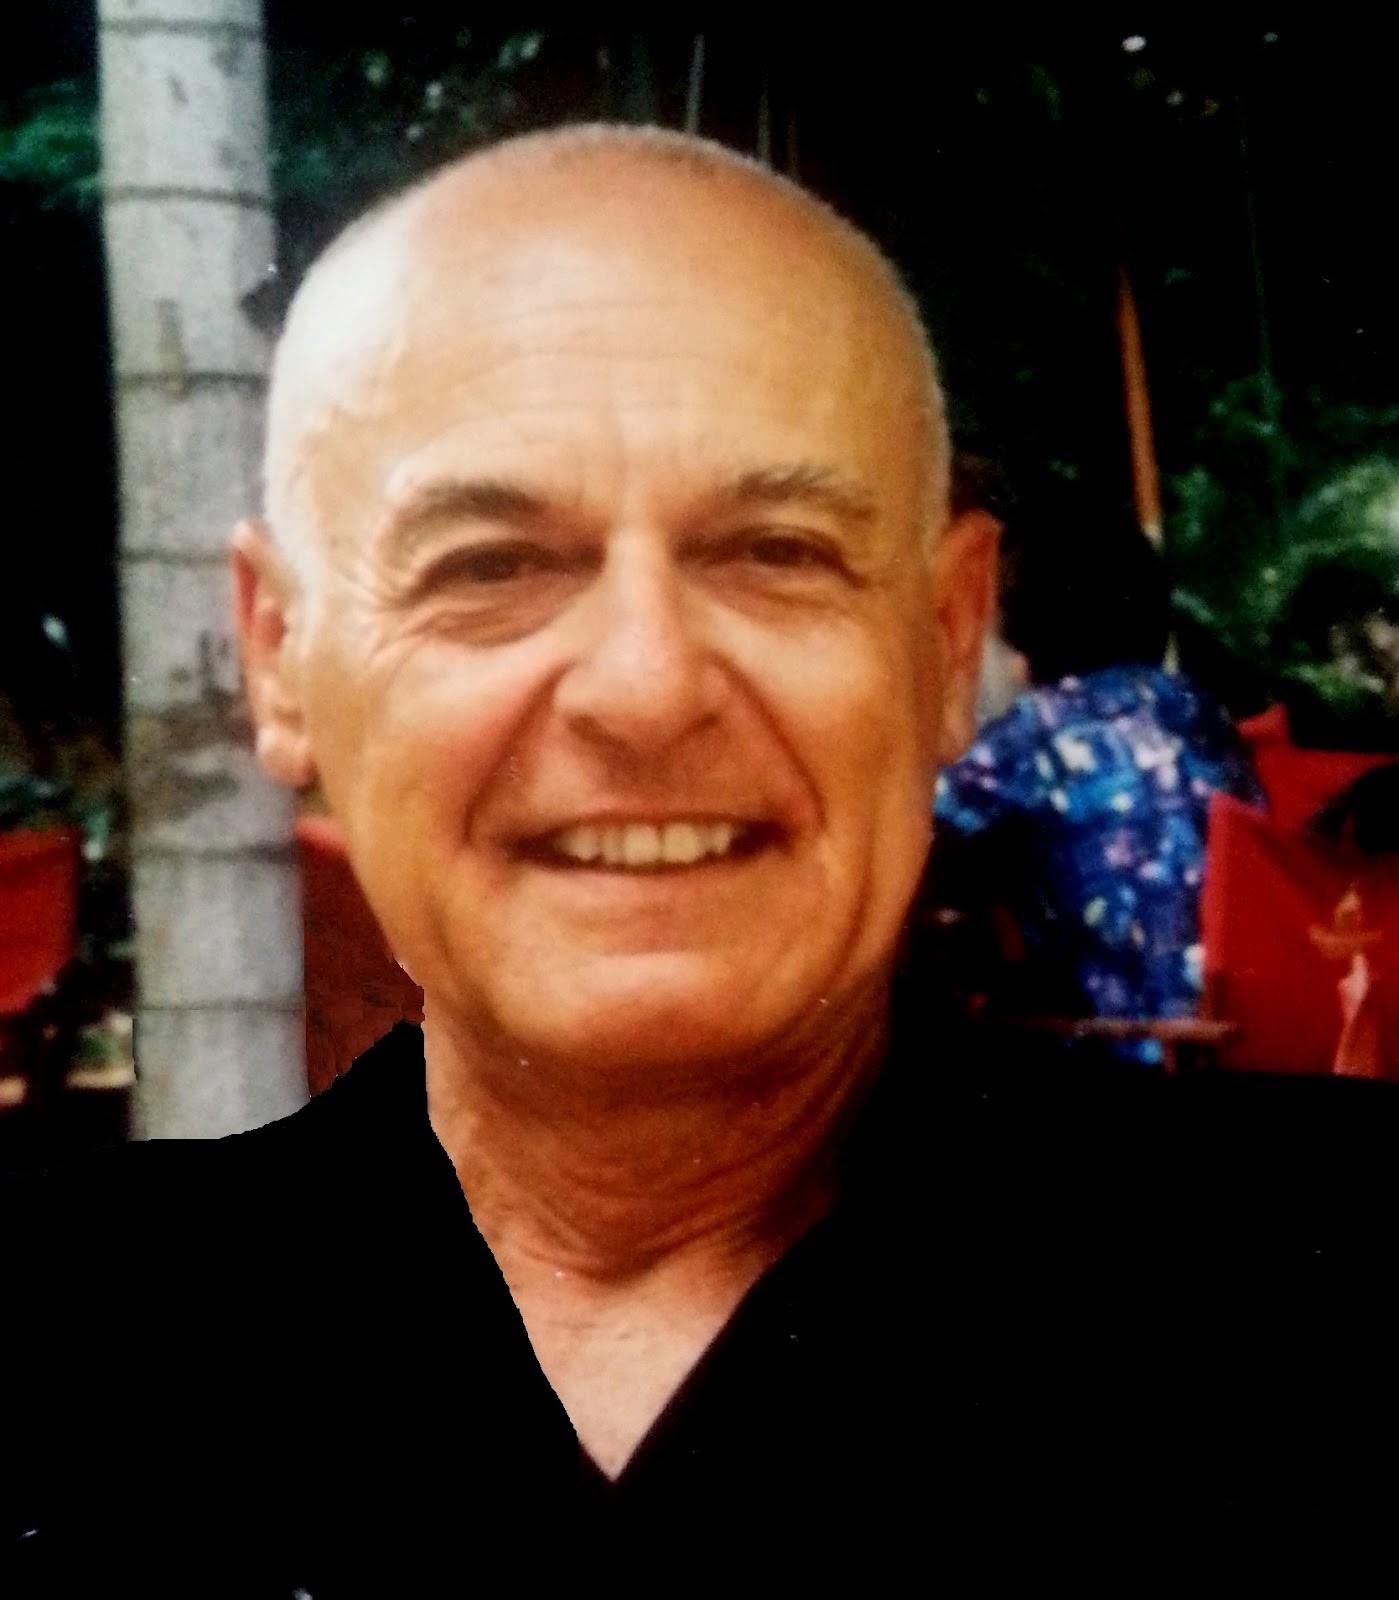 Yaro Starak